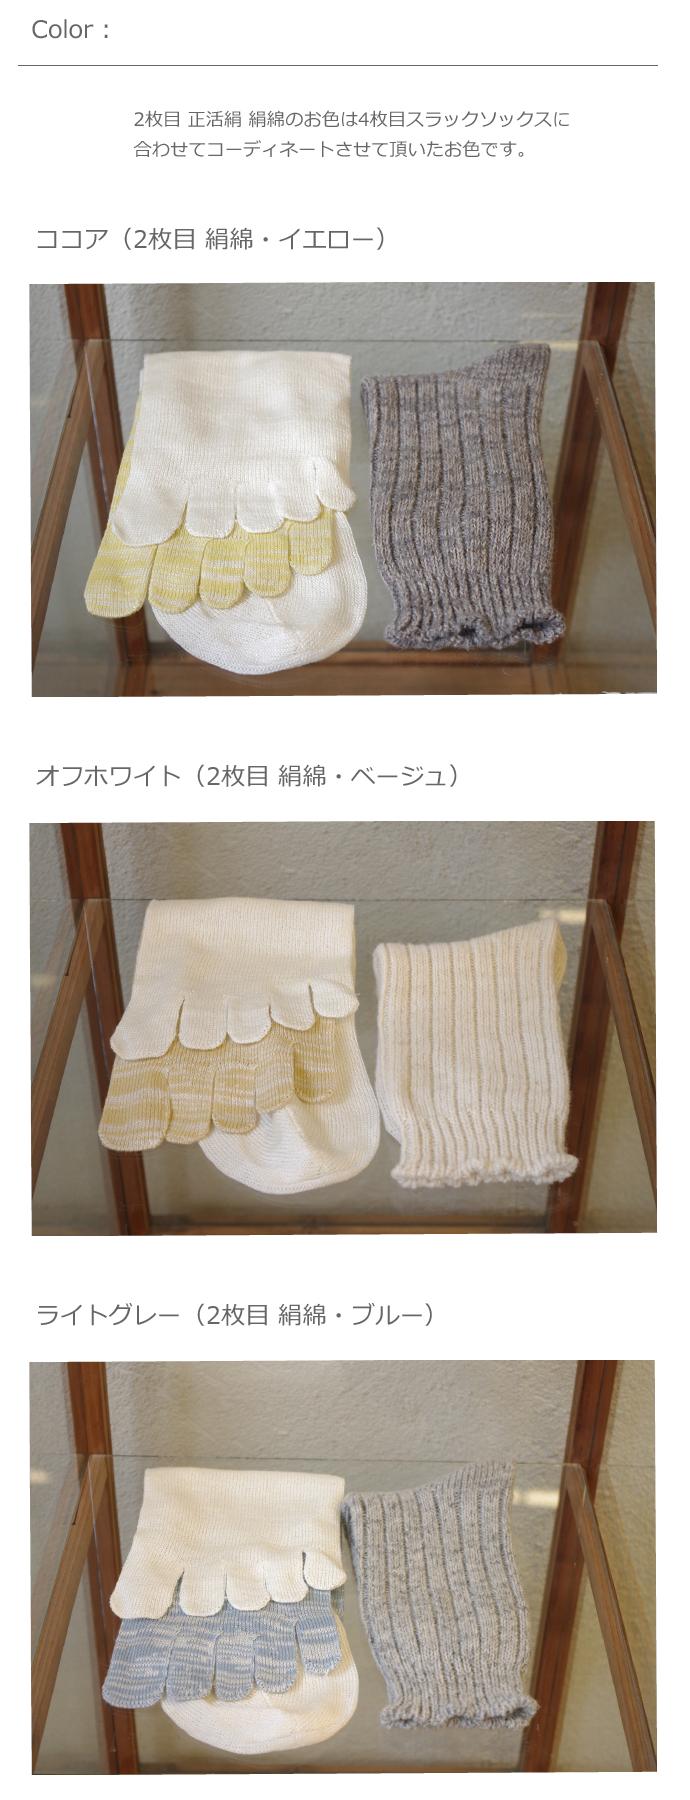 スラックソックス 絹綿セット 商品説明 色